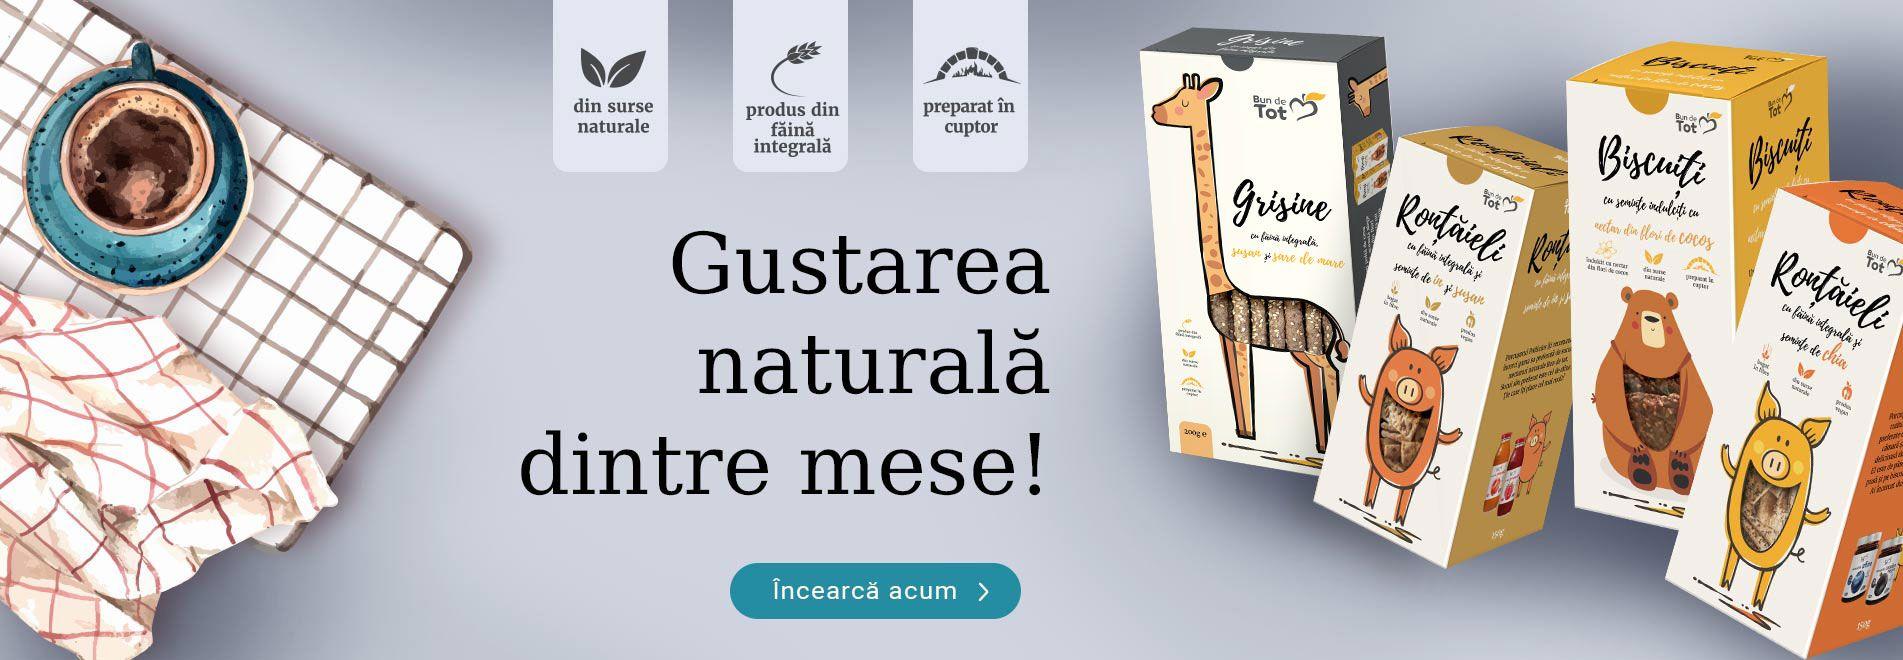 https://www.daciaplant.ro/rontaieli-dacia-plant